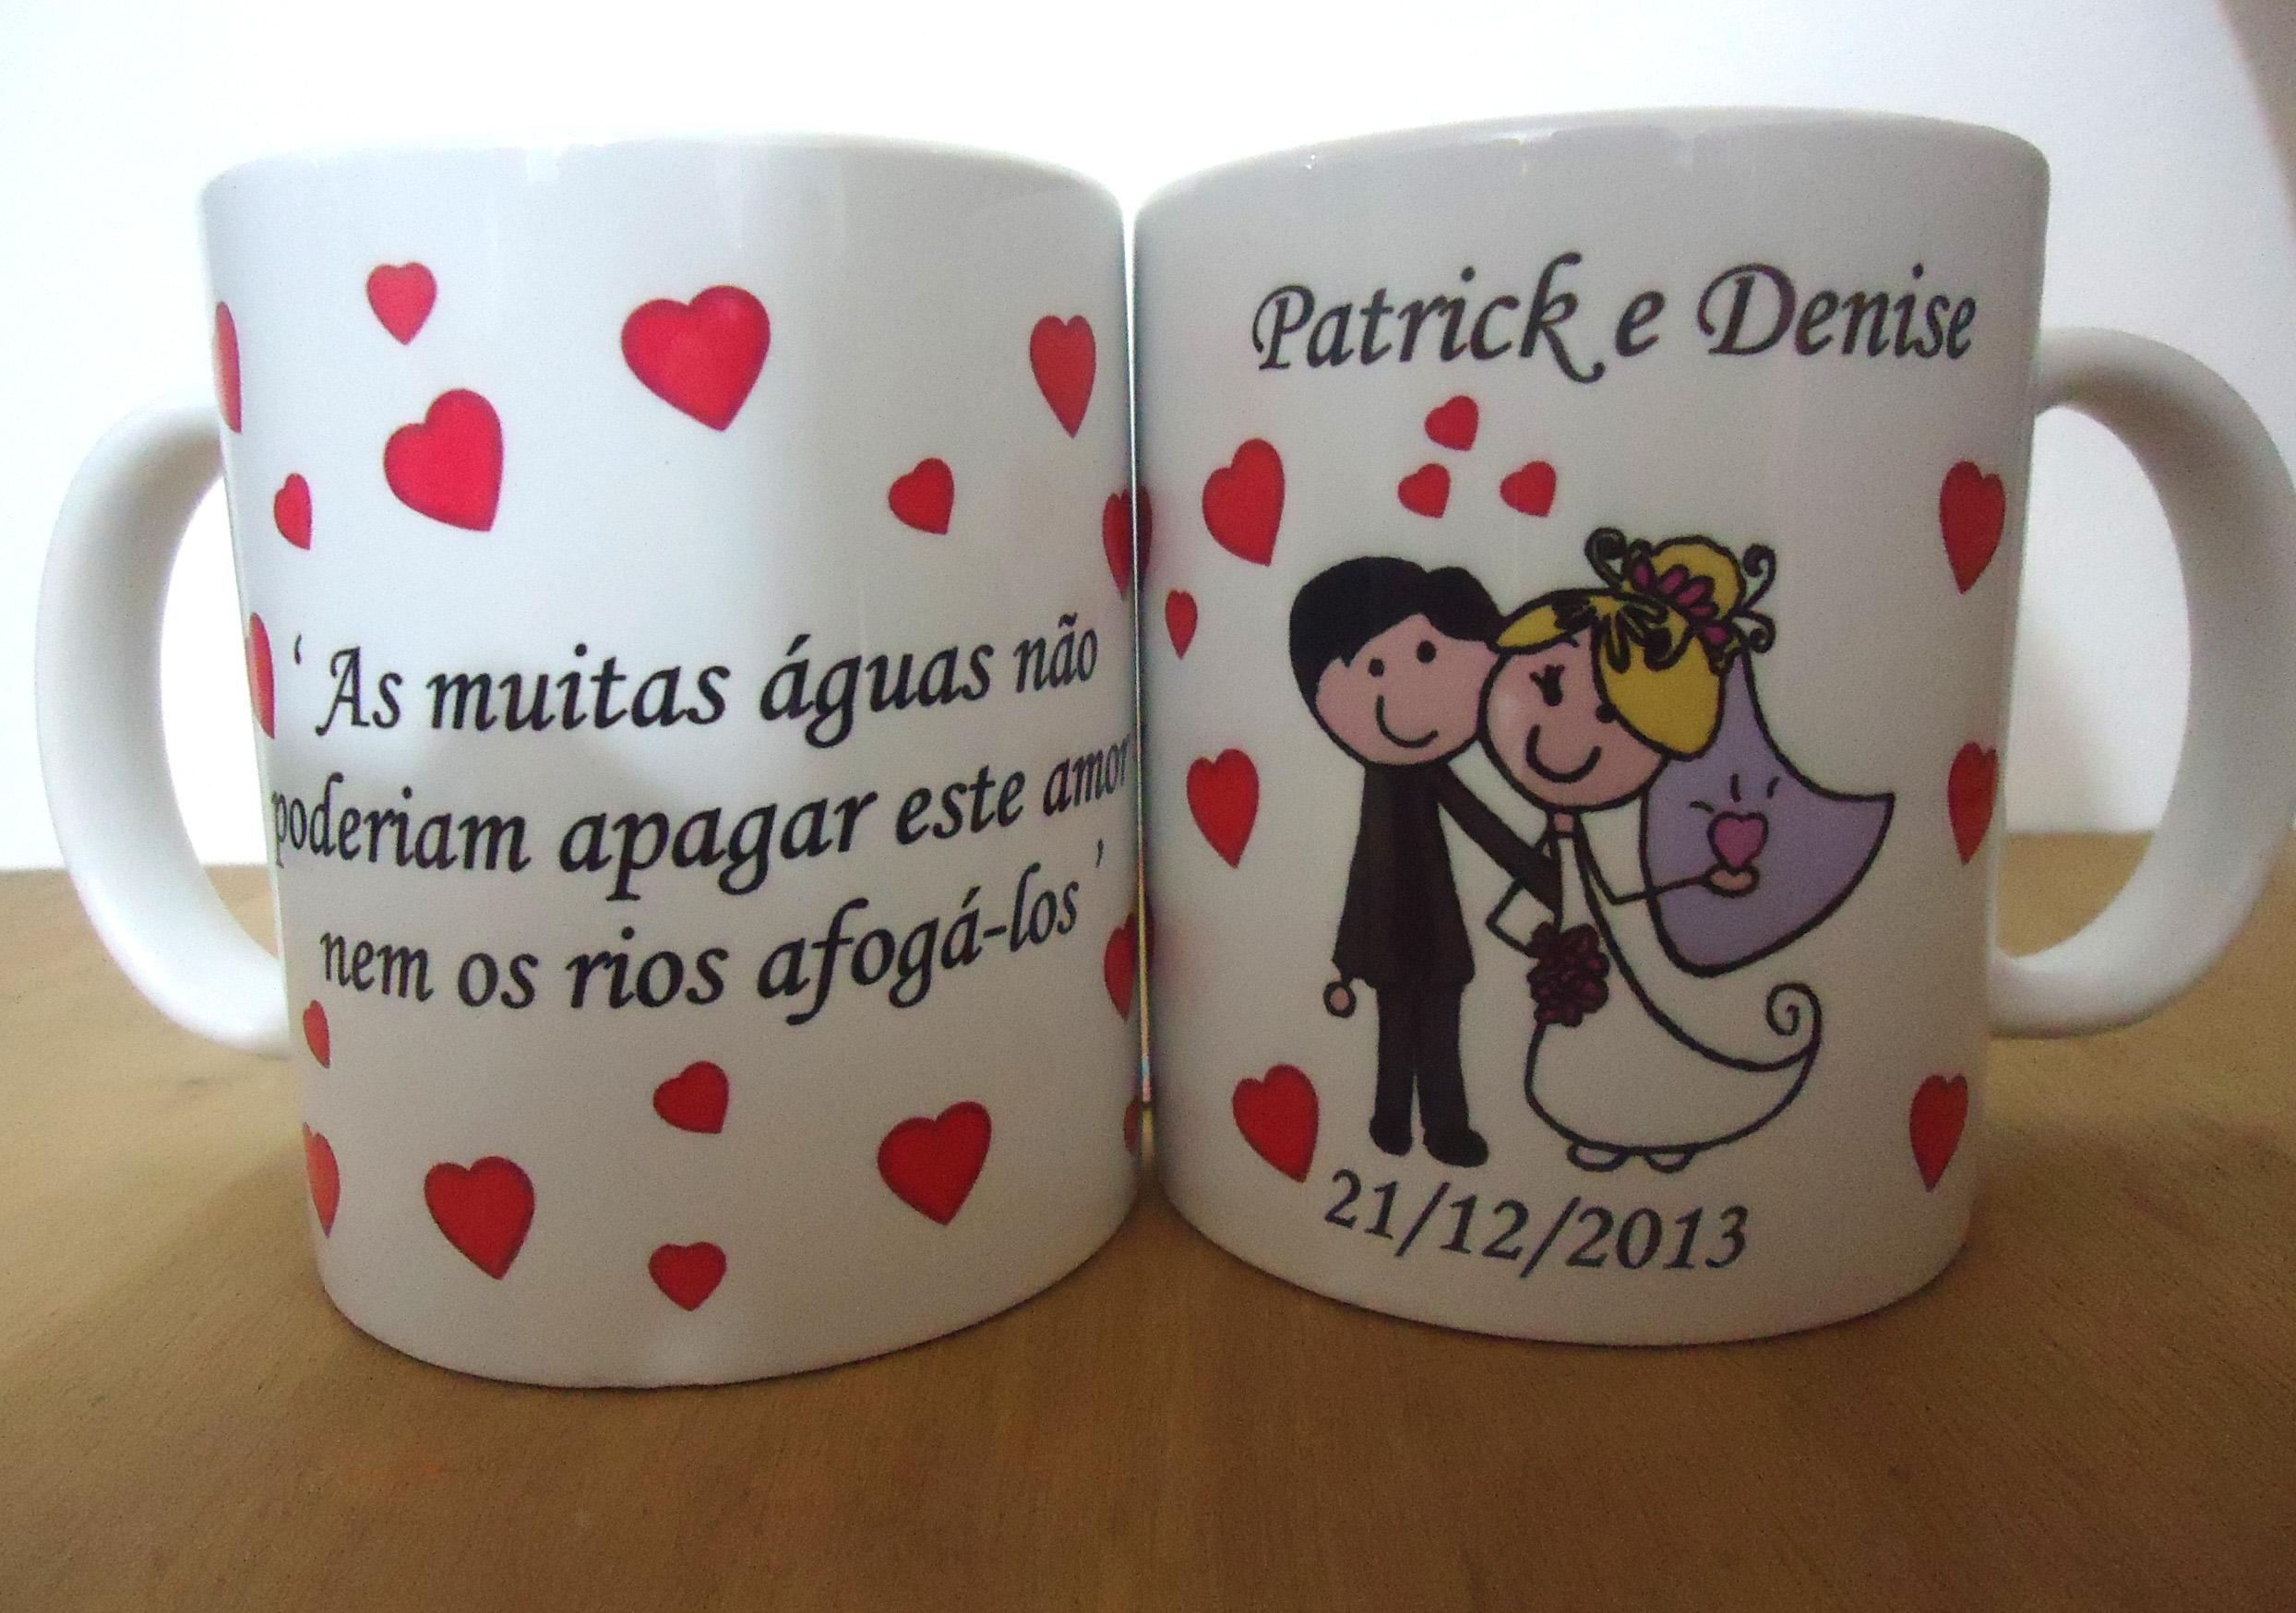 Bolsa De Lembrancinha De Casamento : Canecas personalizadas casamento lua atelie das estampas